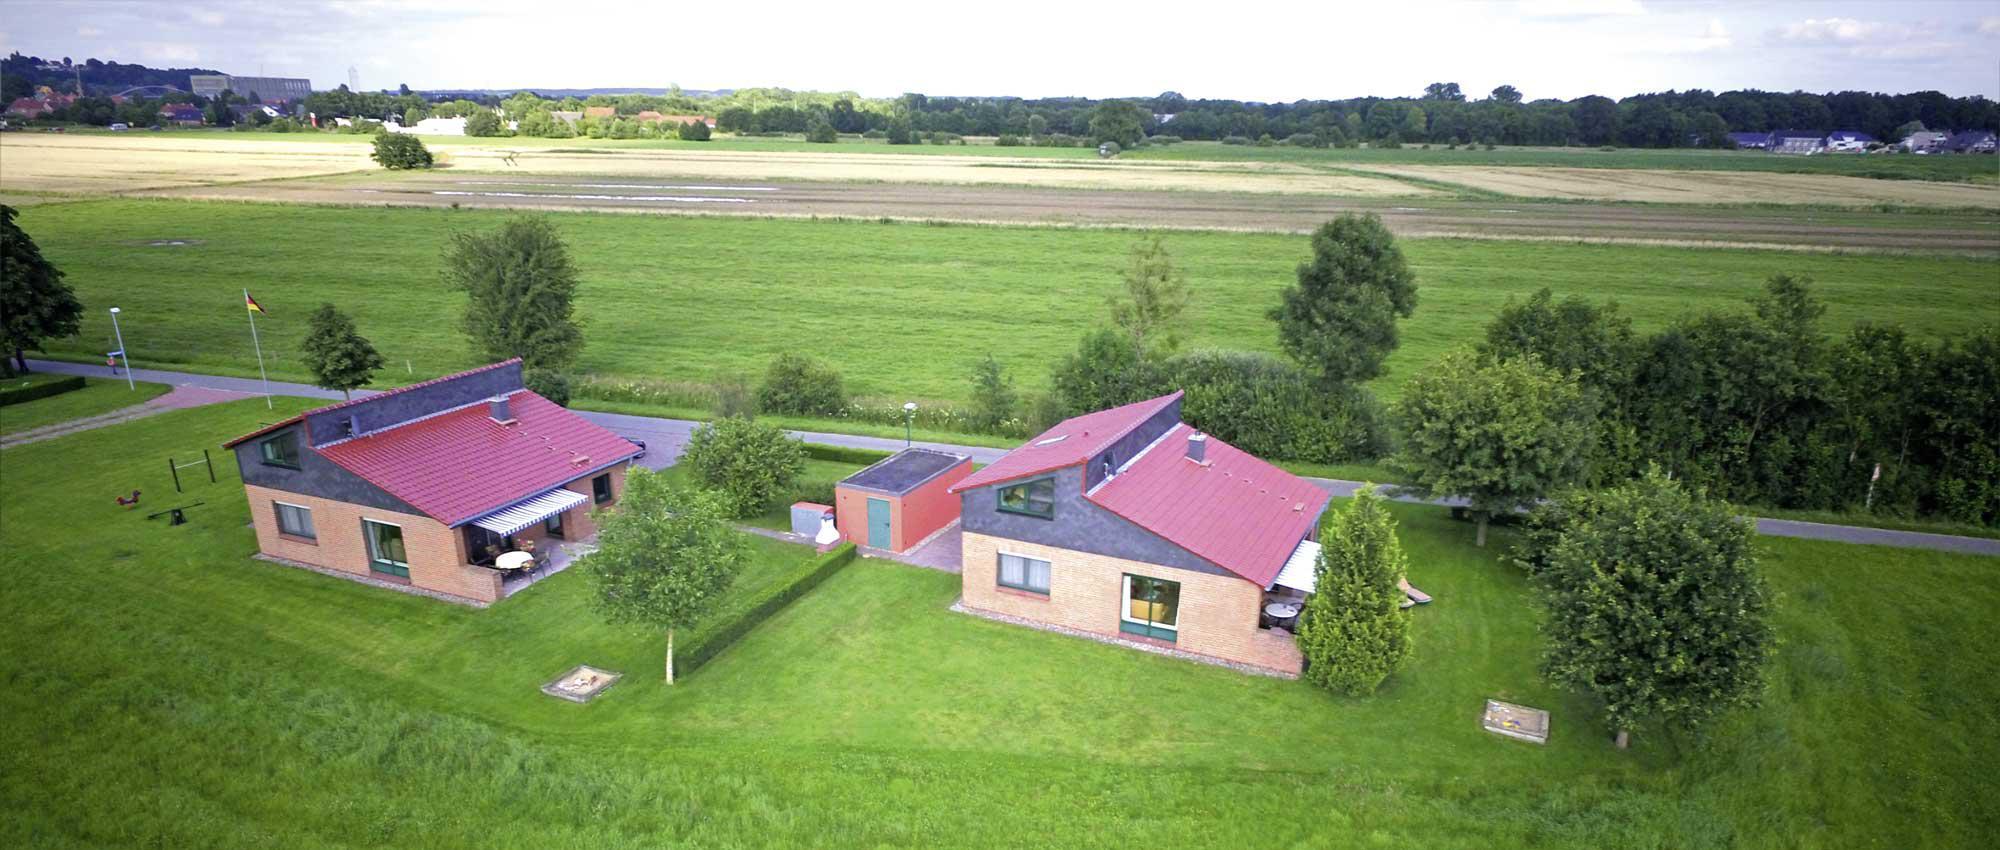 Am Wiesenhof Luftbild